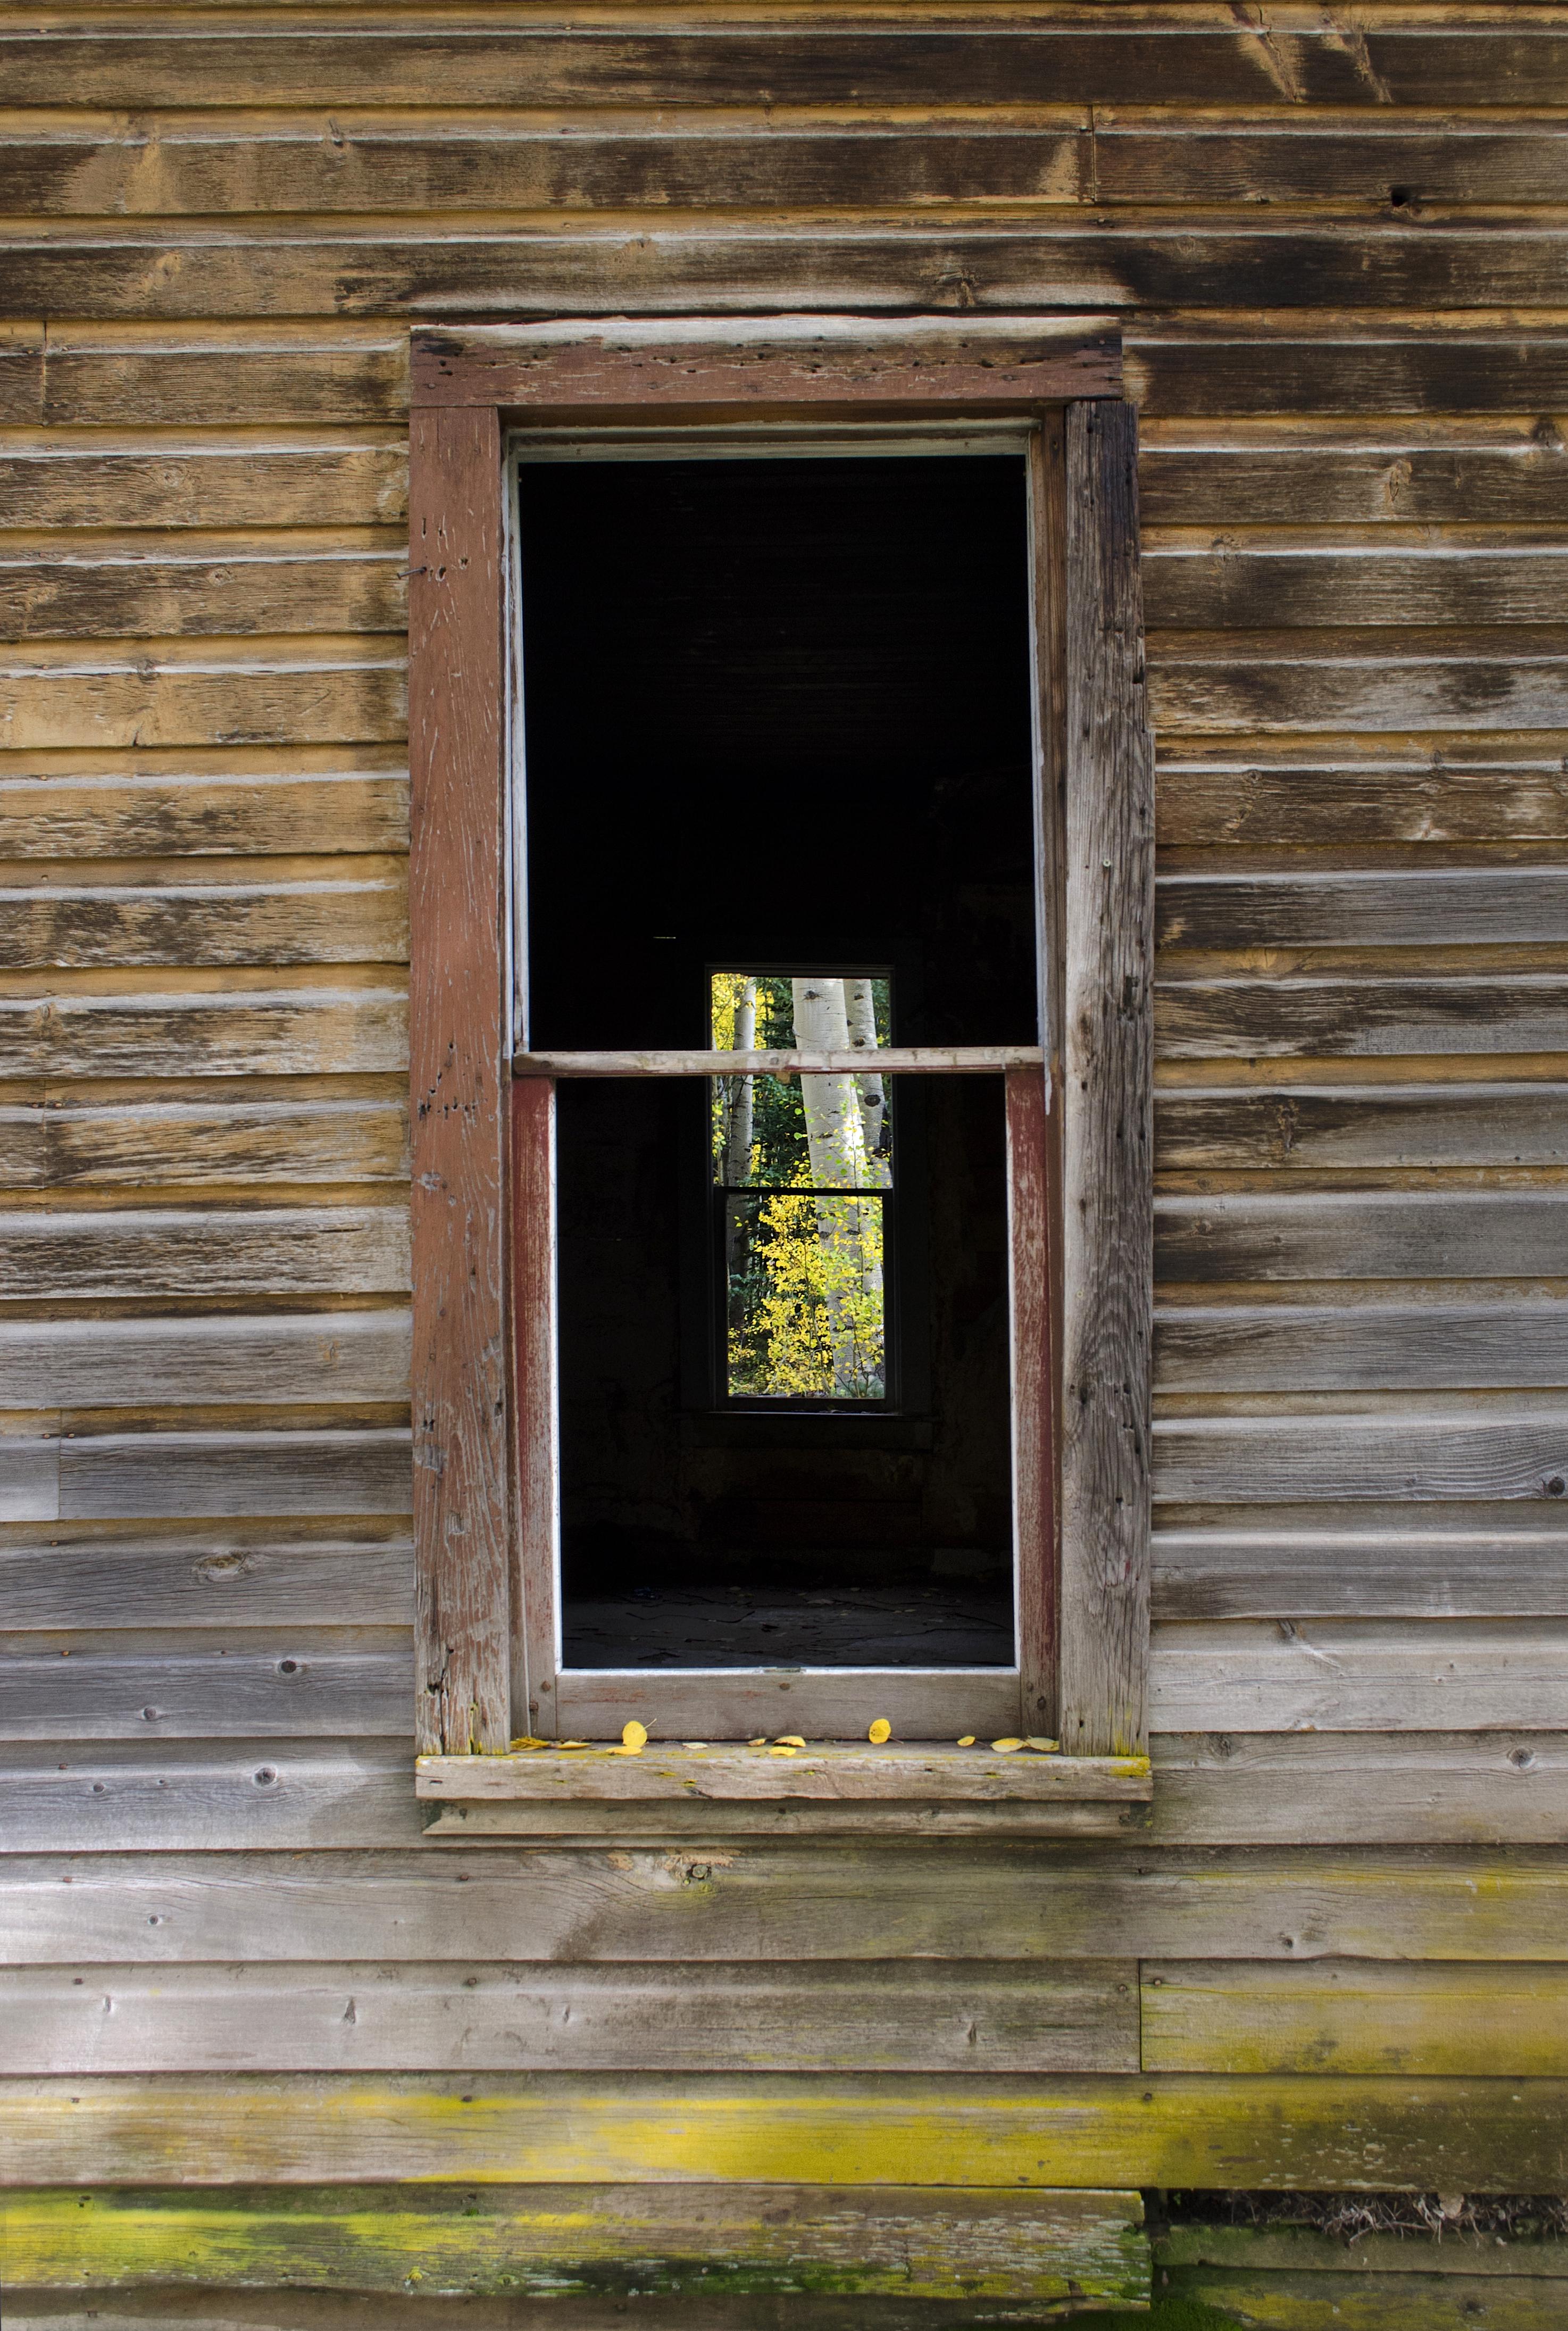 Kostenlose foto : Holz, Haus, Fenster, Mauer, Grün, Farbe, Tür ...